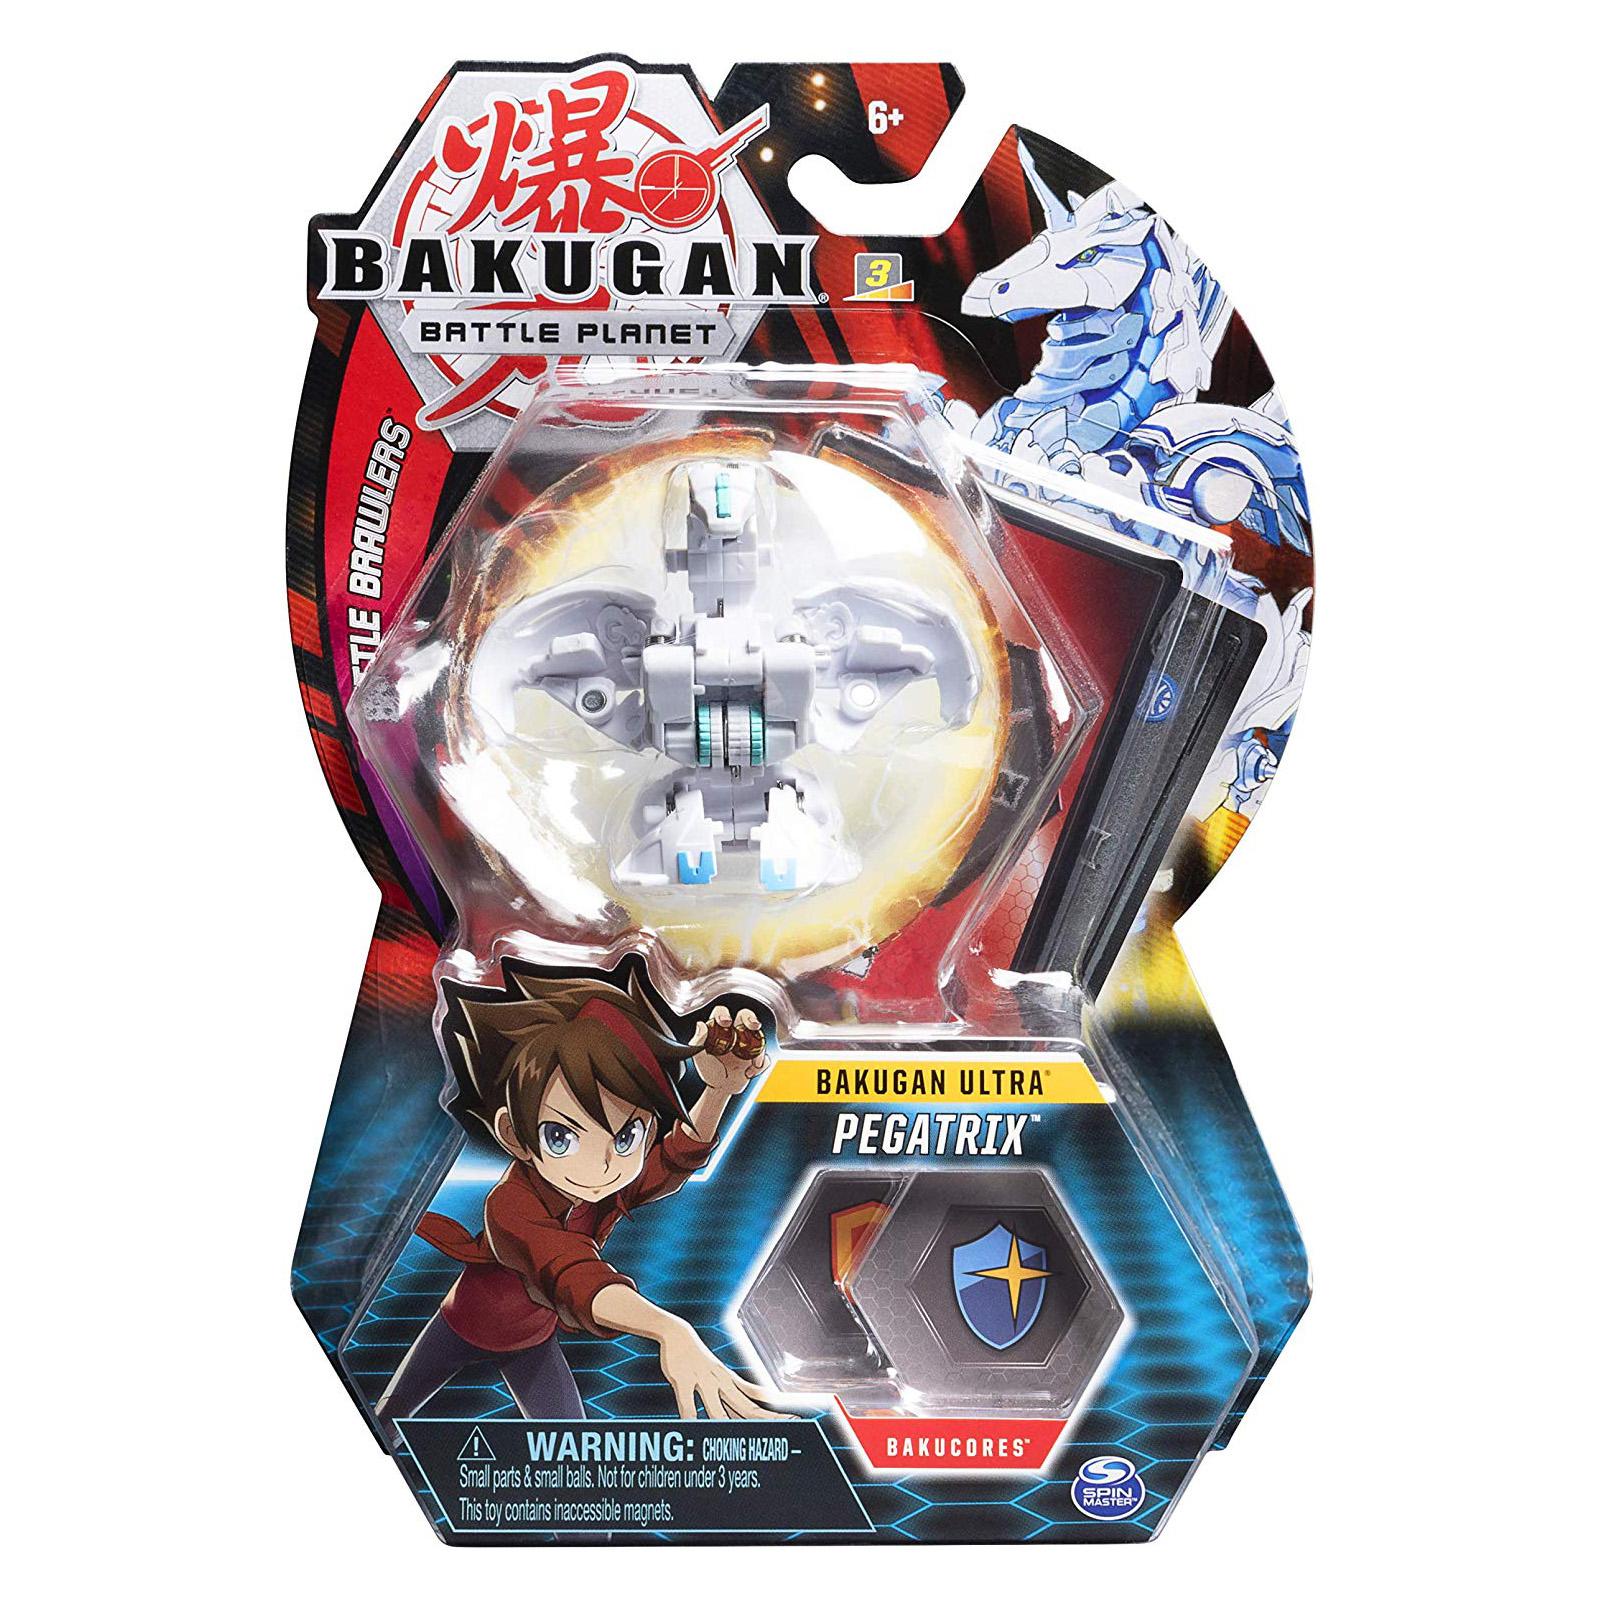 BAKUGAN ULTRA BALL SINGLE PACK 6045146 SPIN MASTER